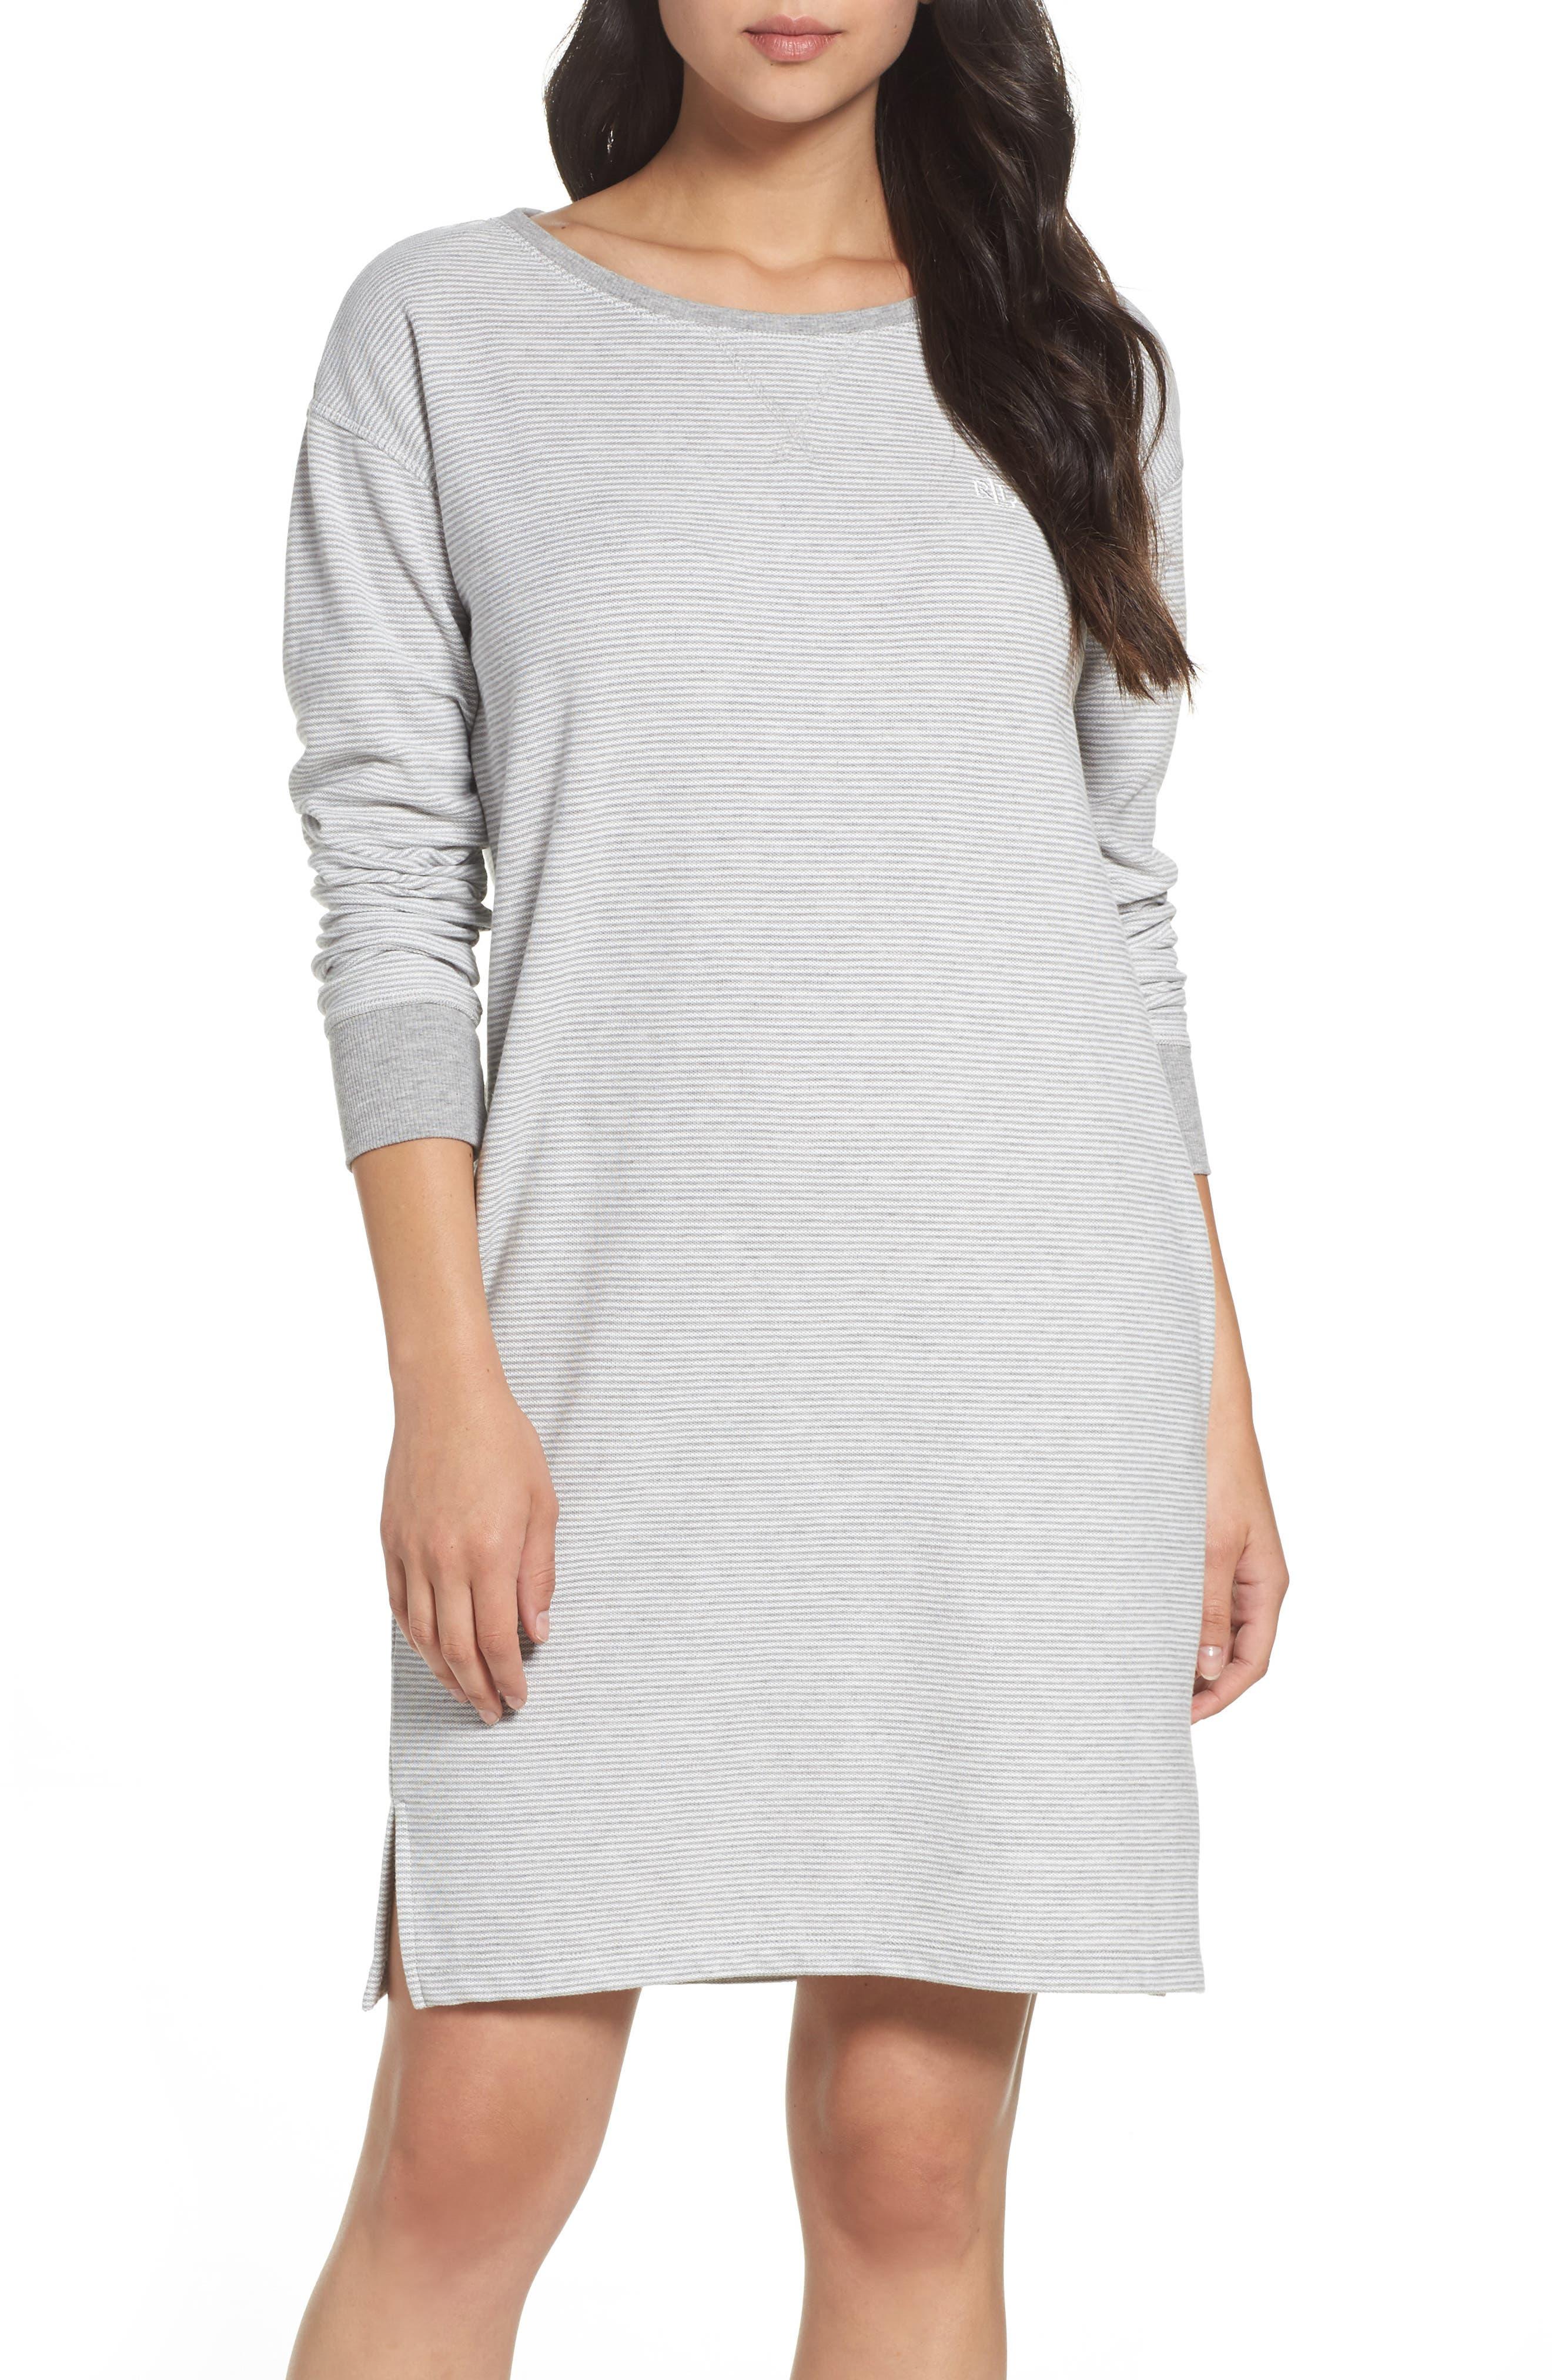 Alternate Image 1 Selected - Lauren Ralph Lauren Longline Lounge Sweatshirt